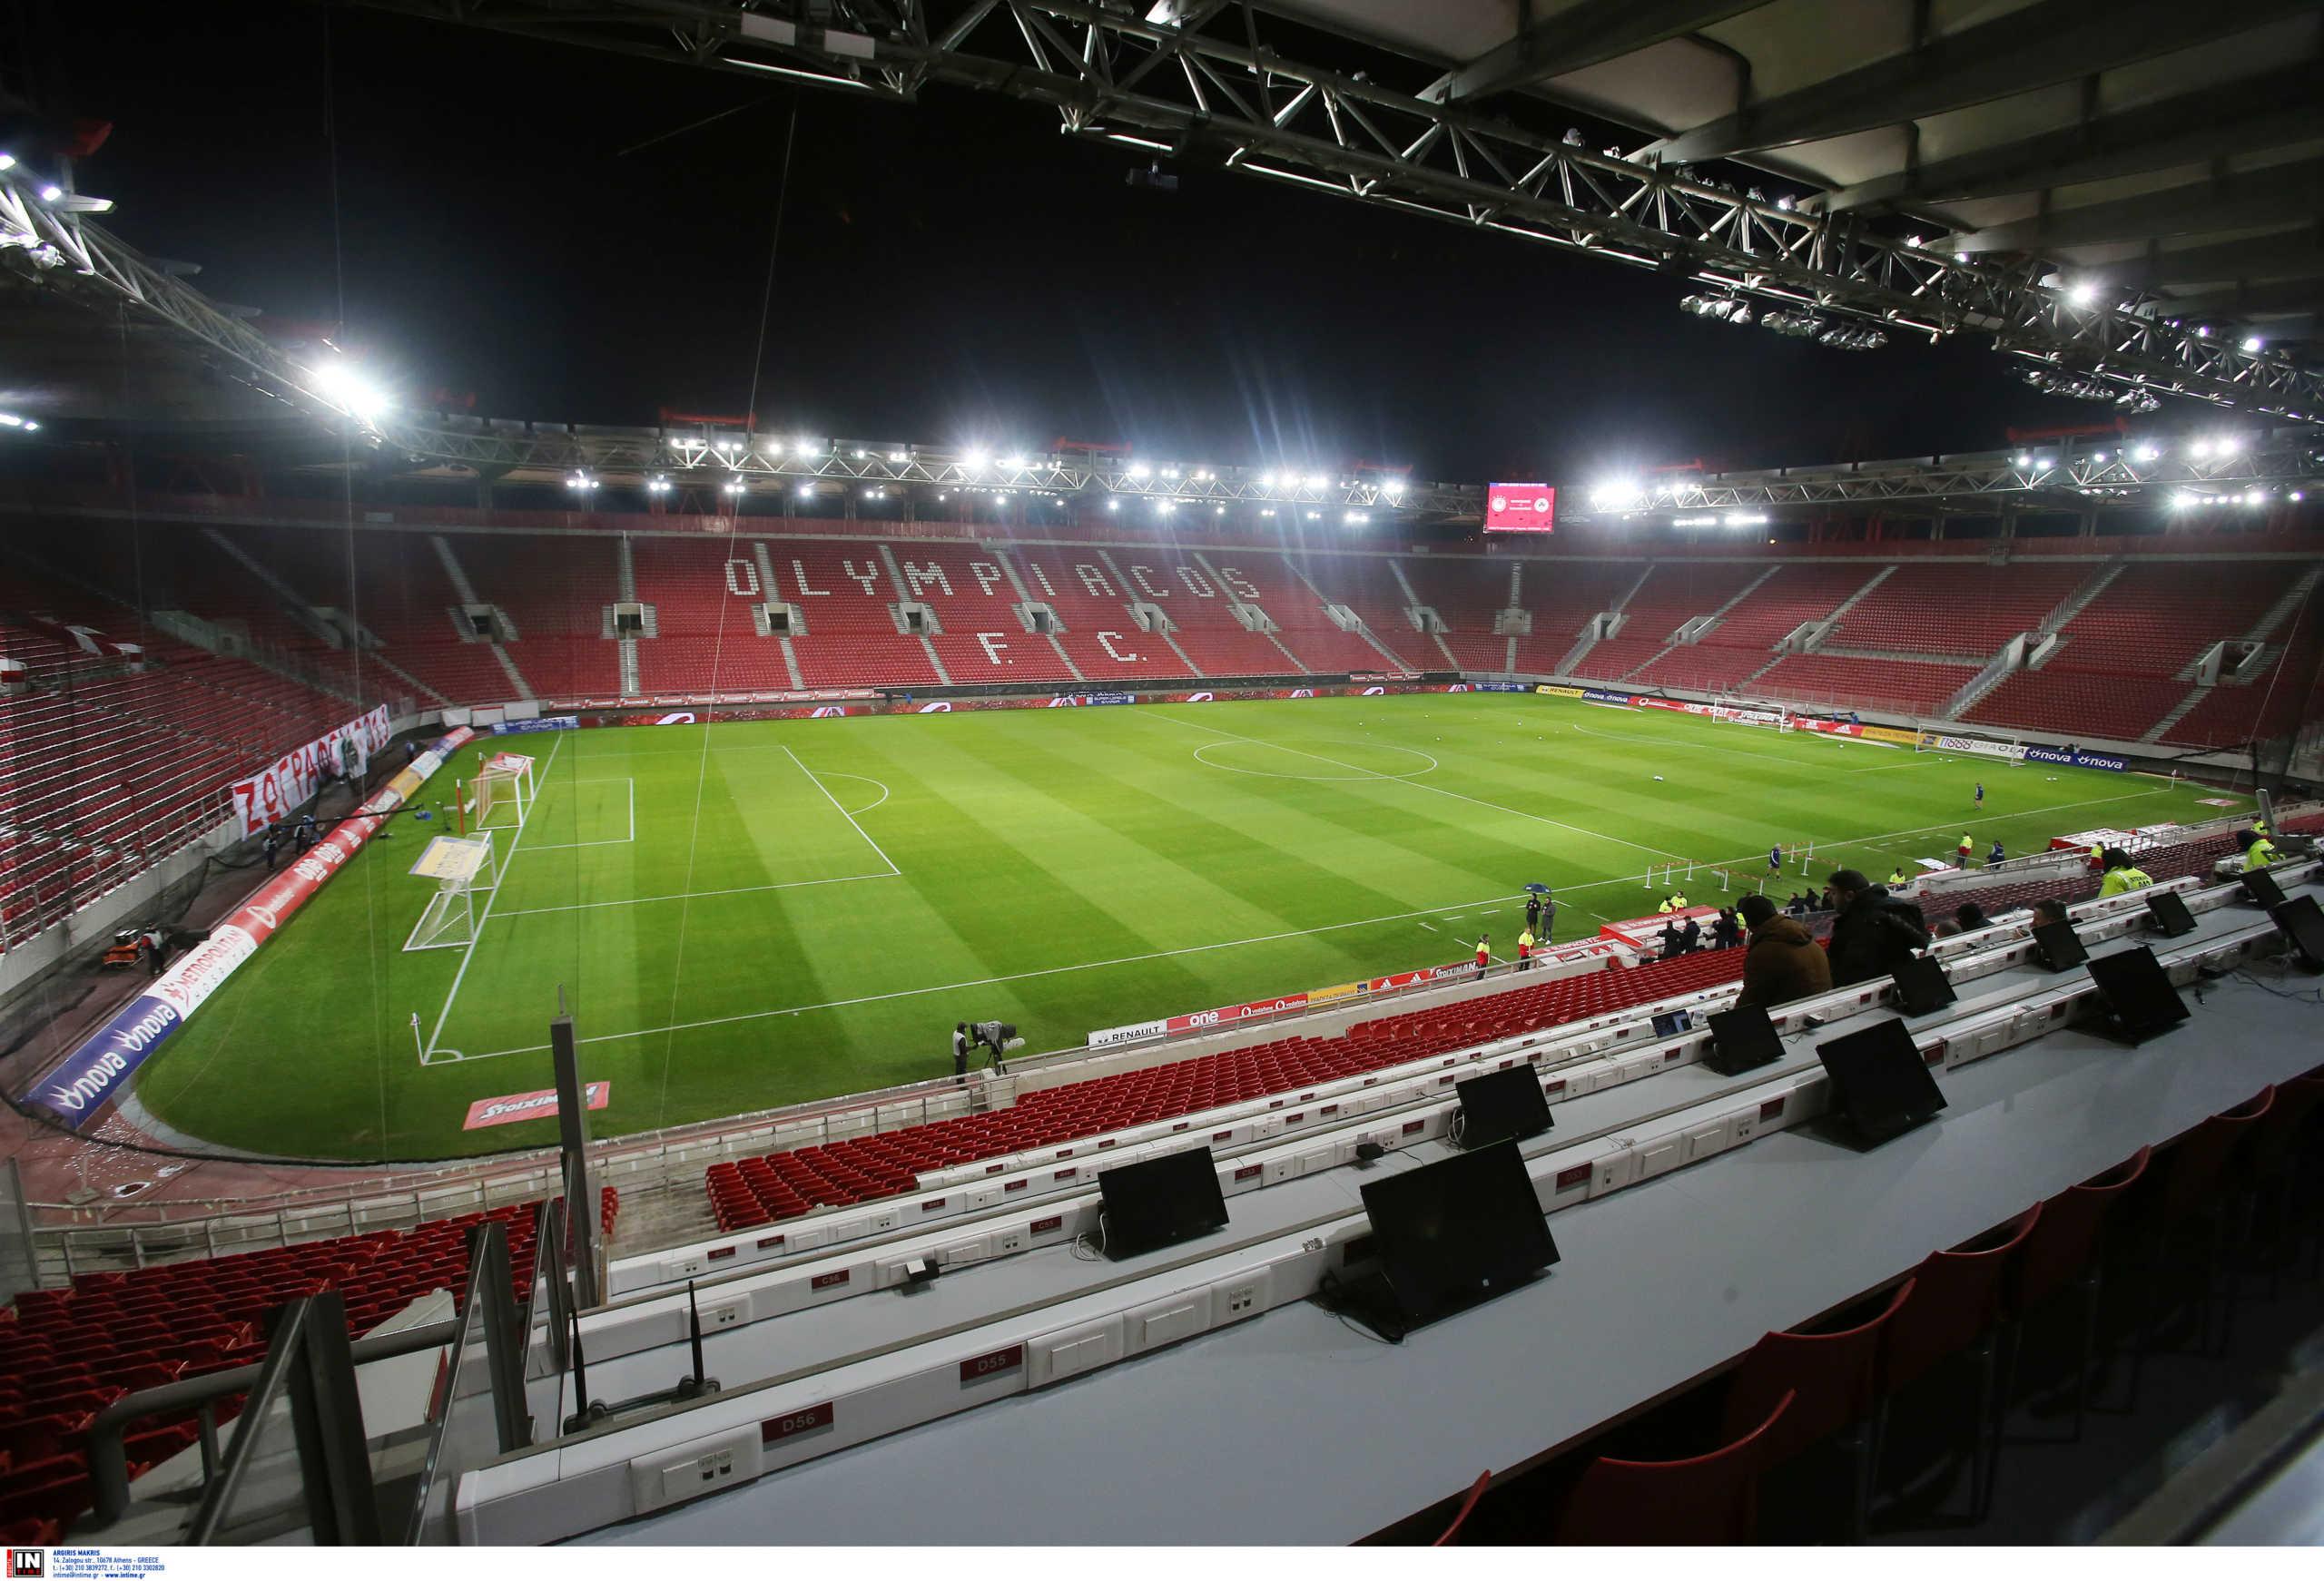 Κρίσιμη συνάντηση Αυγενάκη και Superleague για την παρουσία φιλάθλων στα γήπεδα